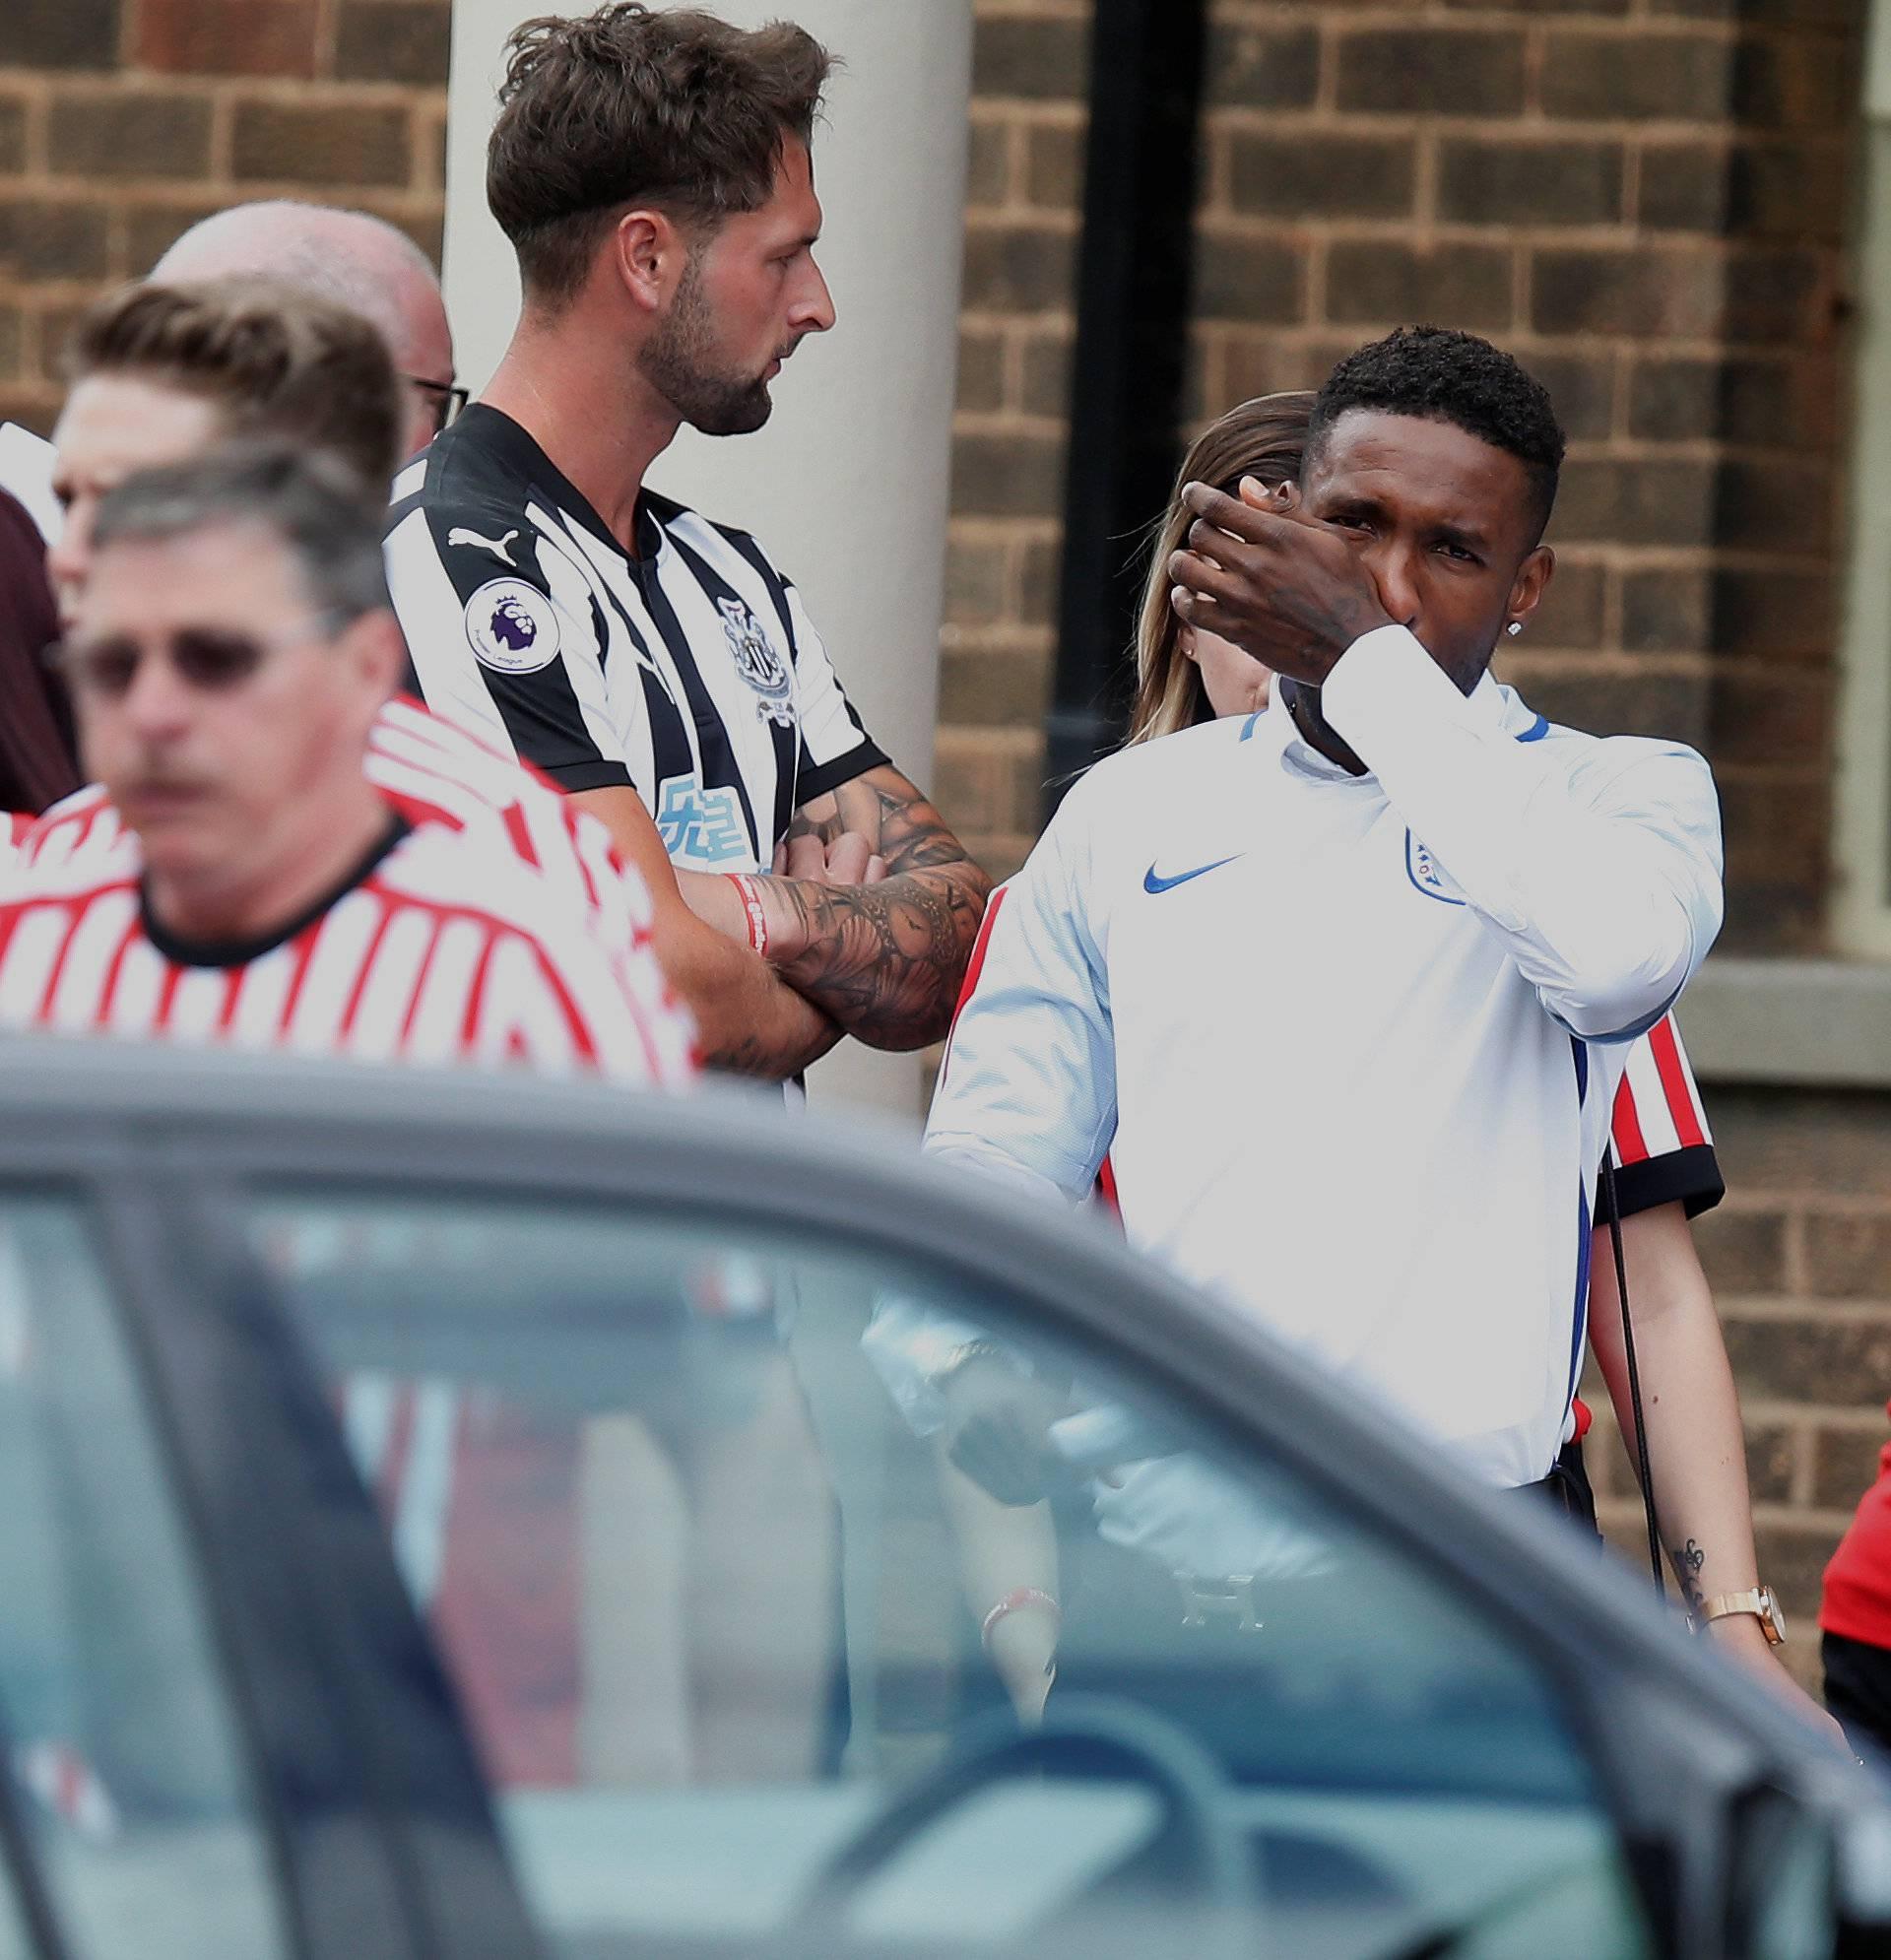 Footballer Jermain Defoe reacts ahead of the funeral of Bradley Lowery